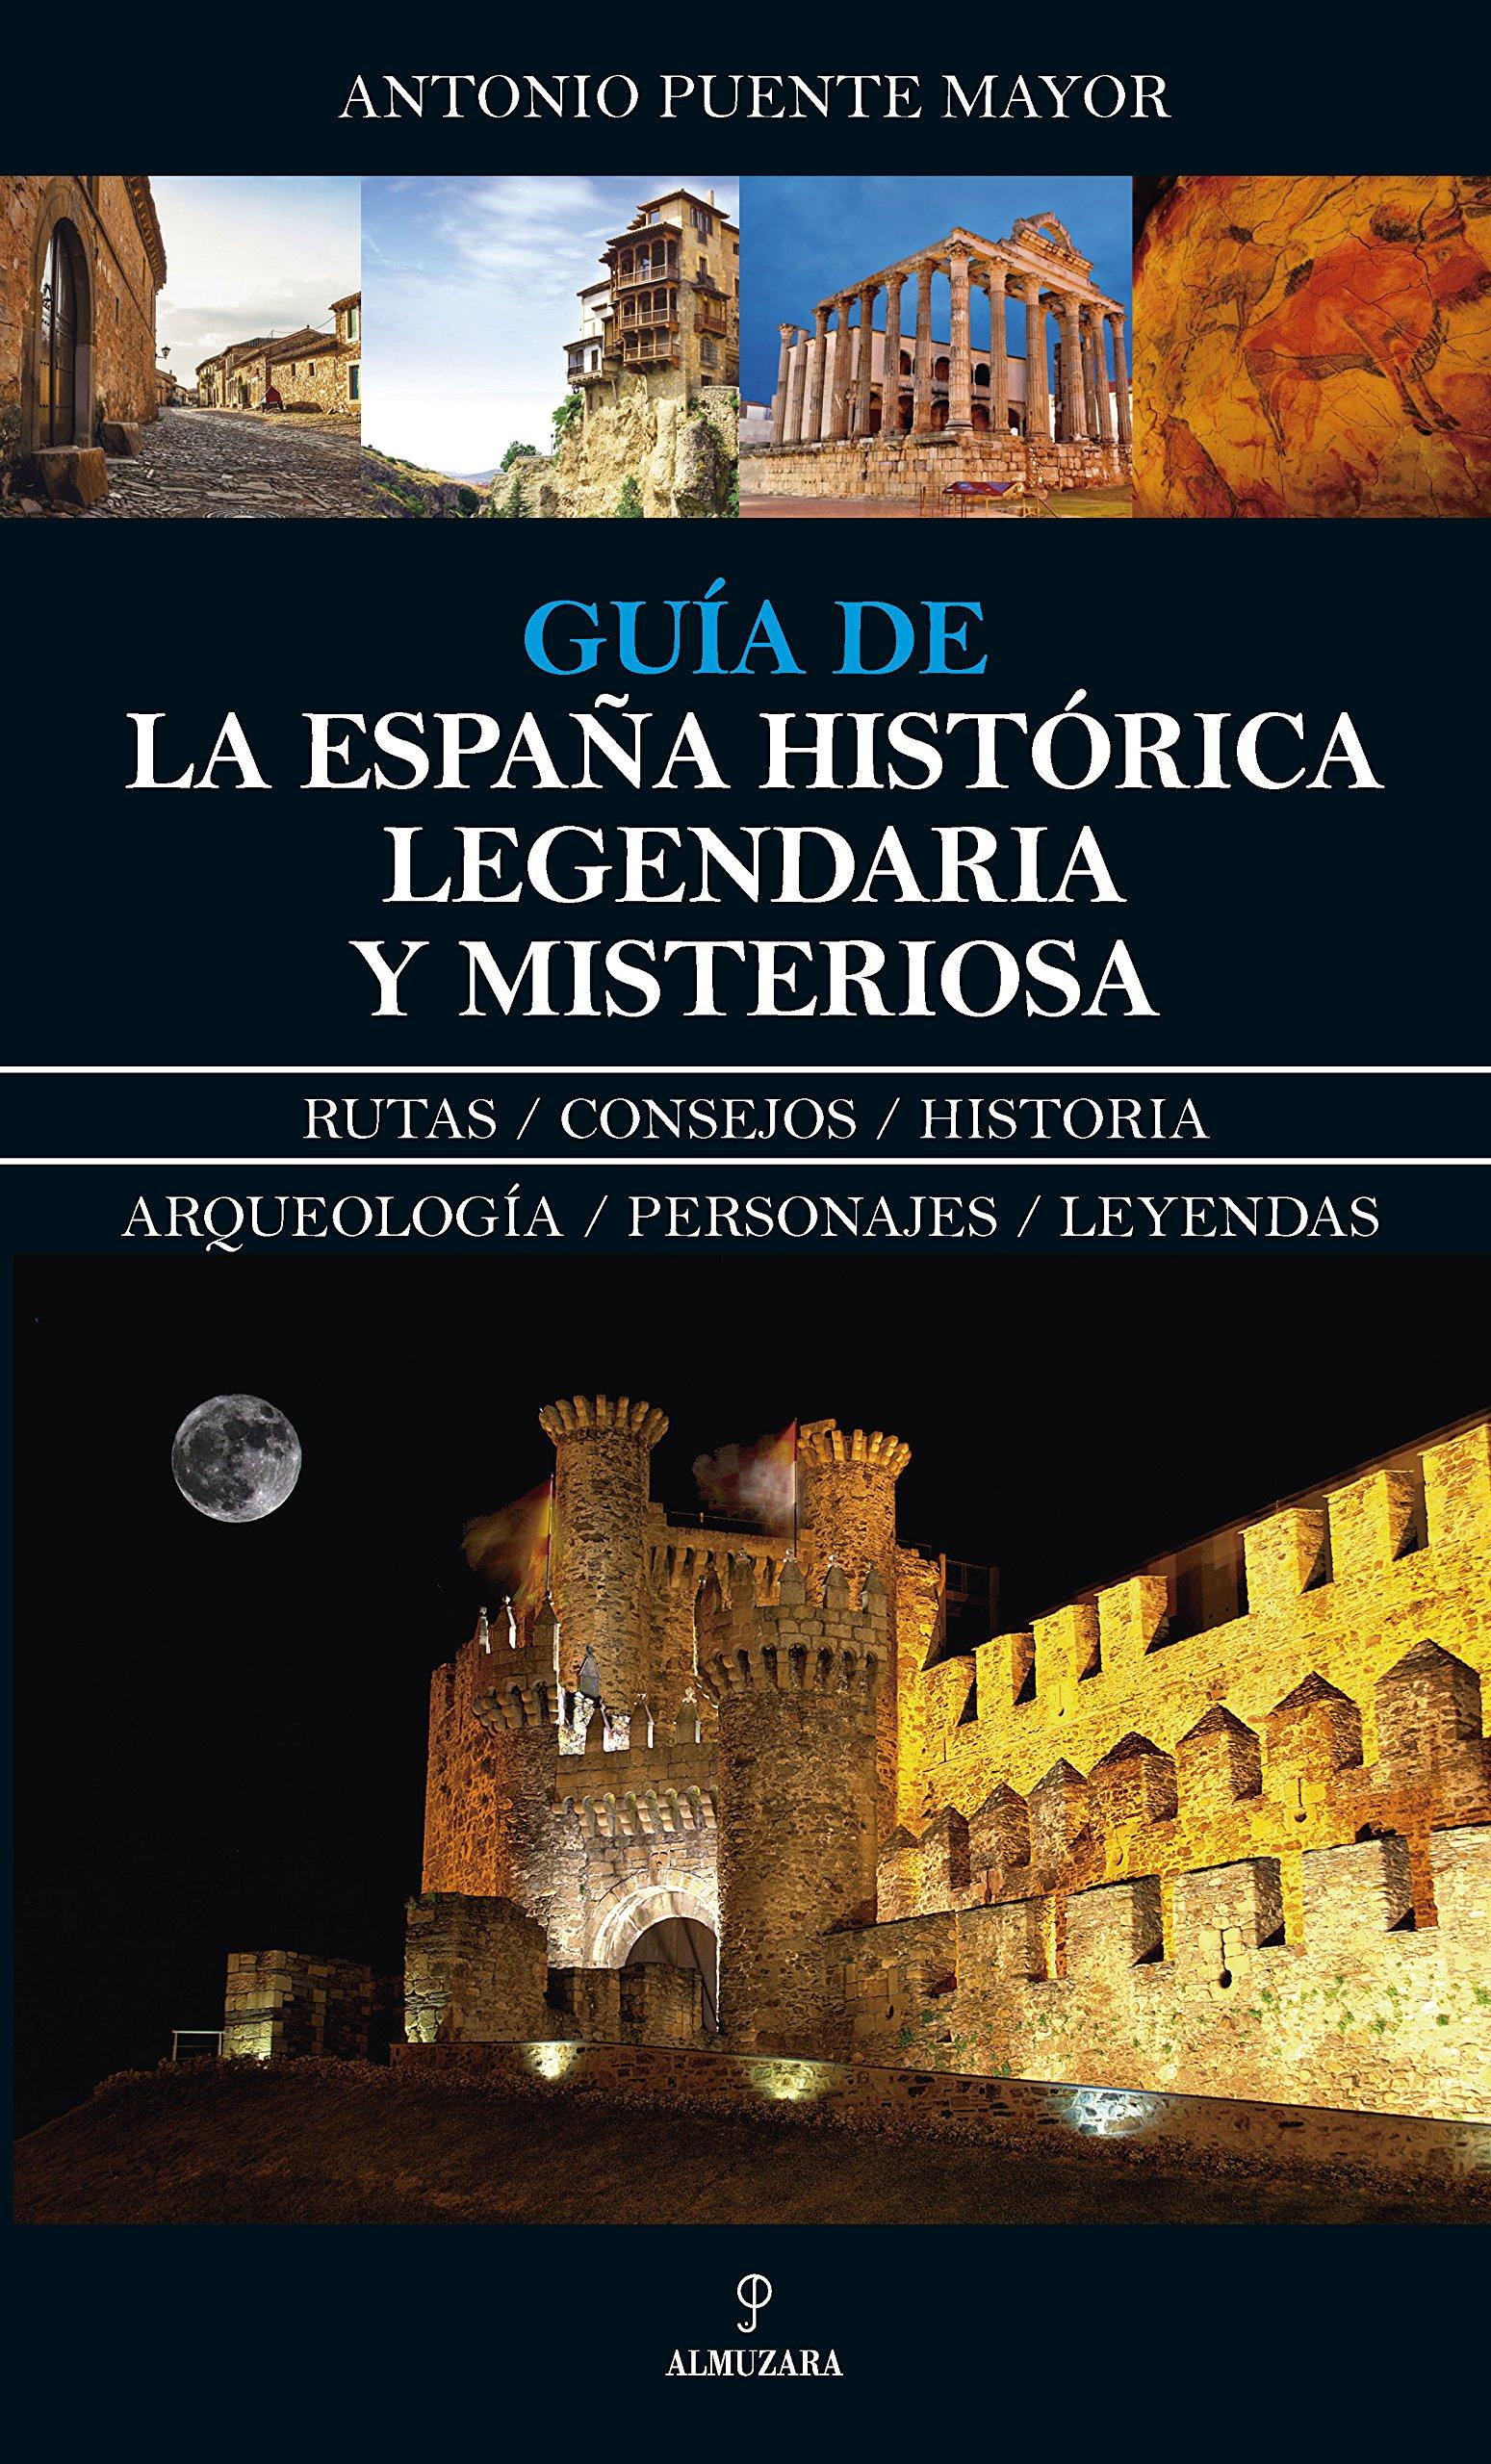 Guía de la España Histórica, Legendaria y Misteriosa Enigma ...